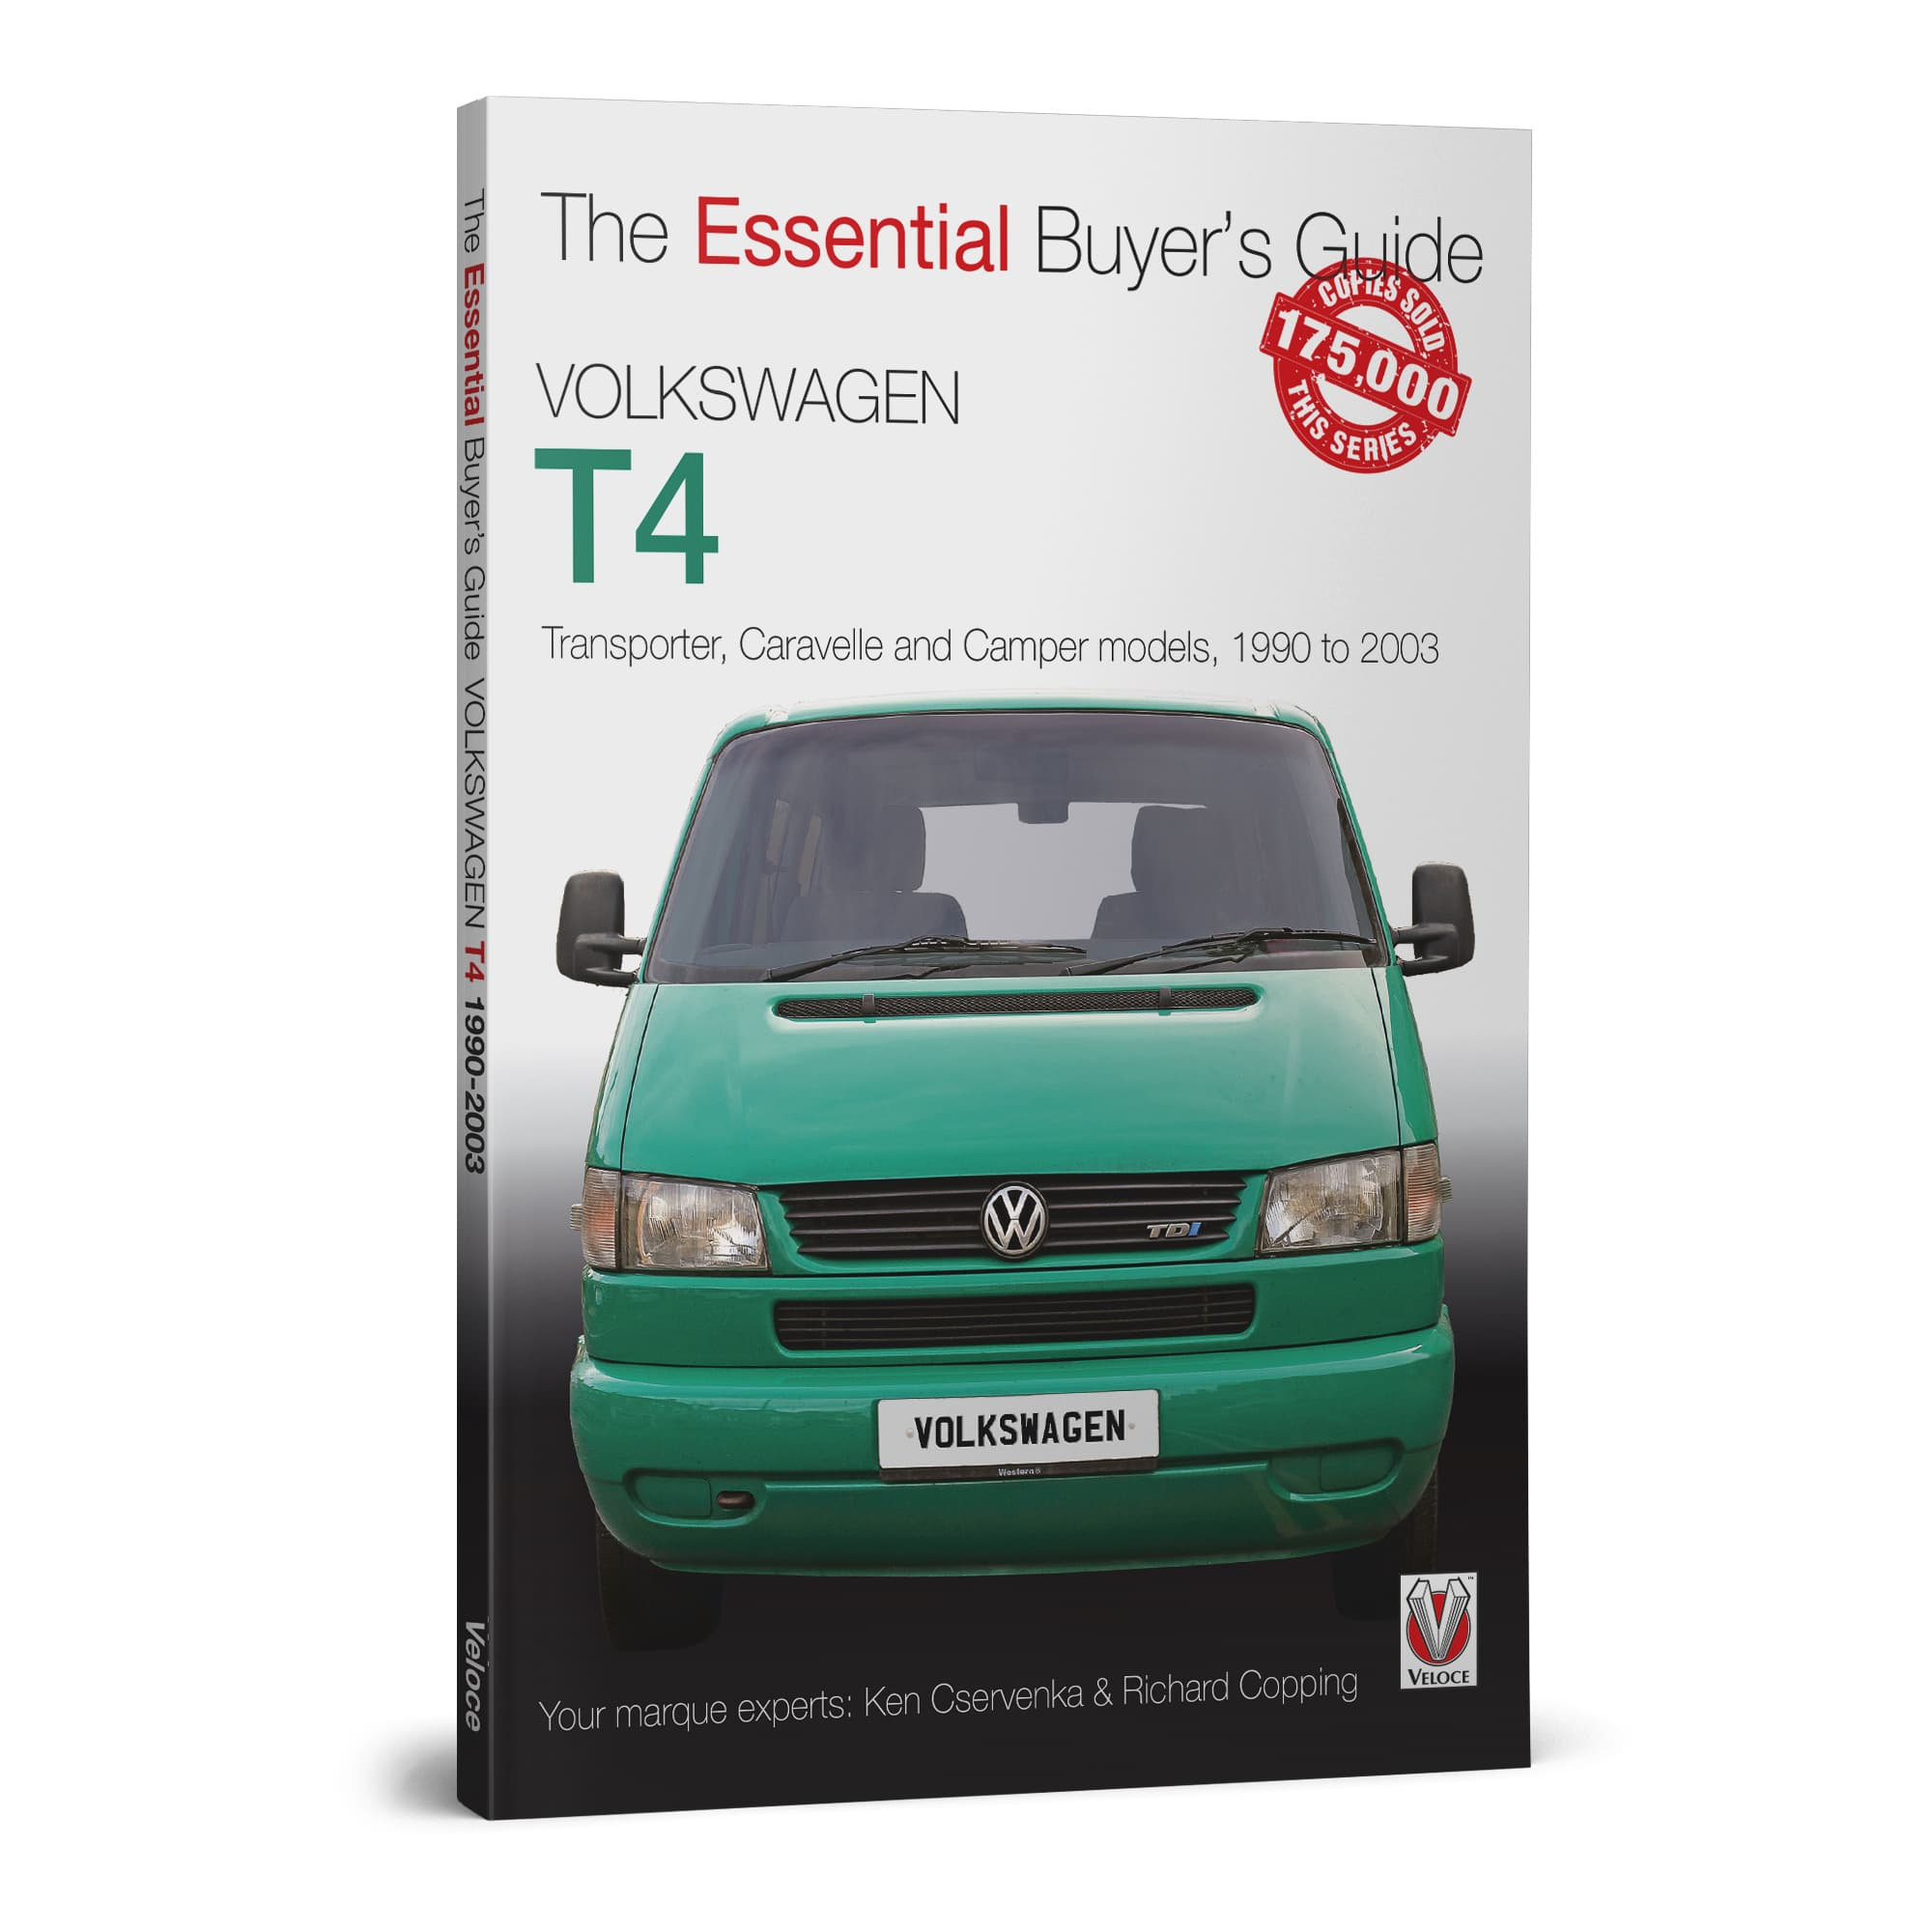 Mercedes-Benz G-Wagen Essential Buyer's Guide